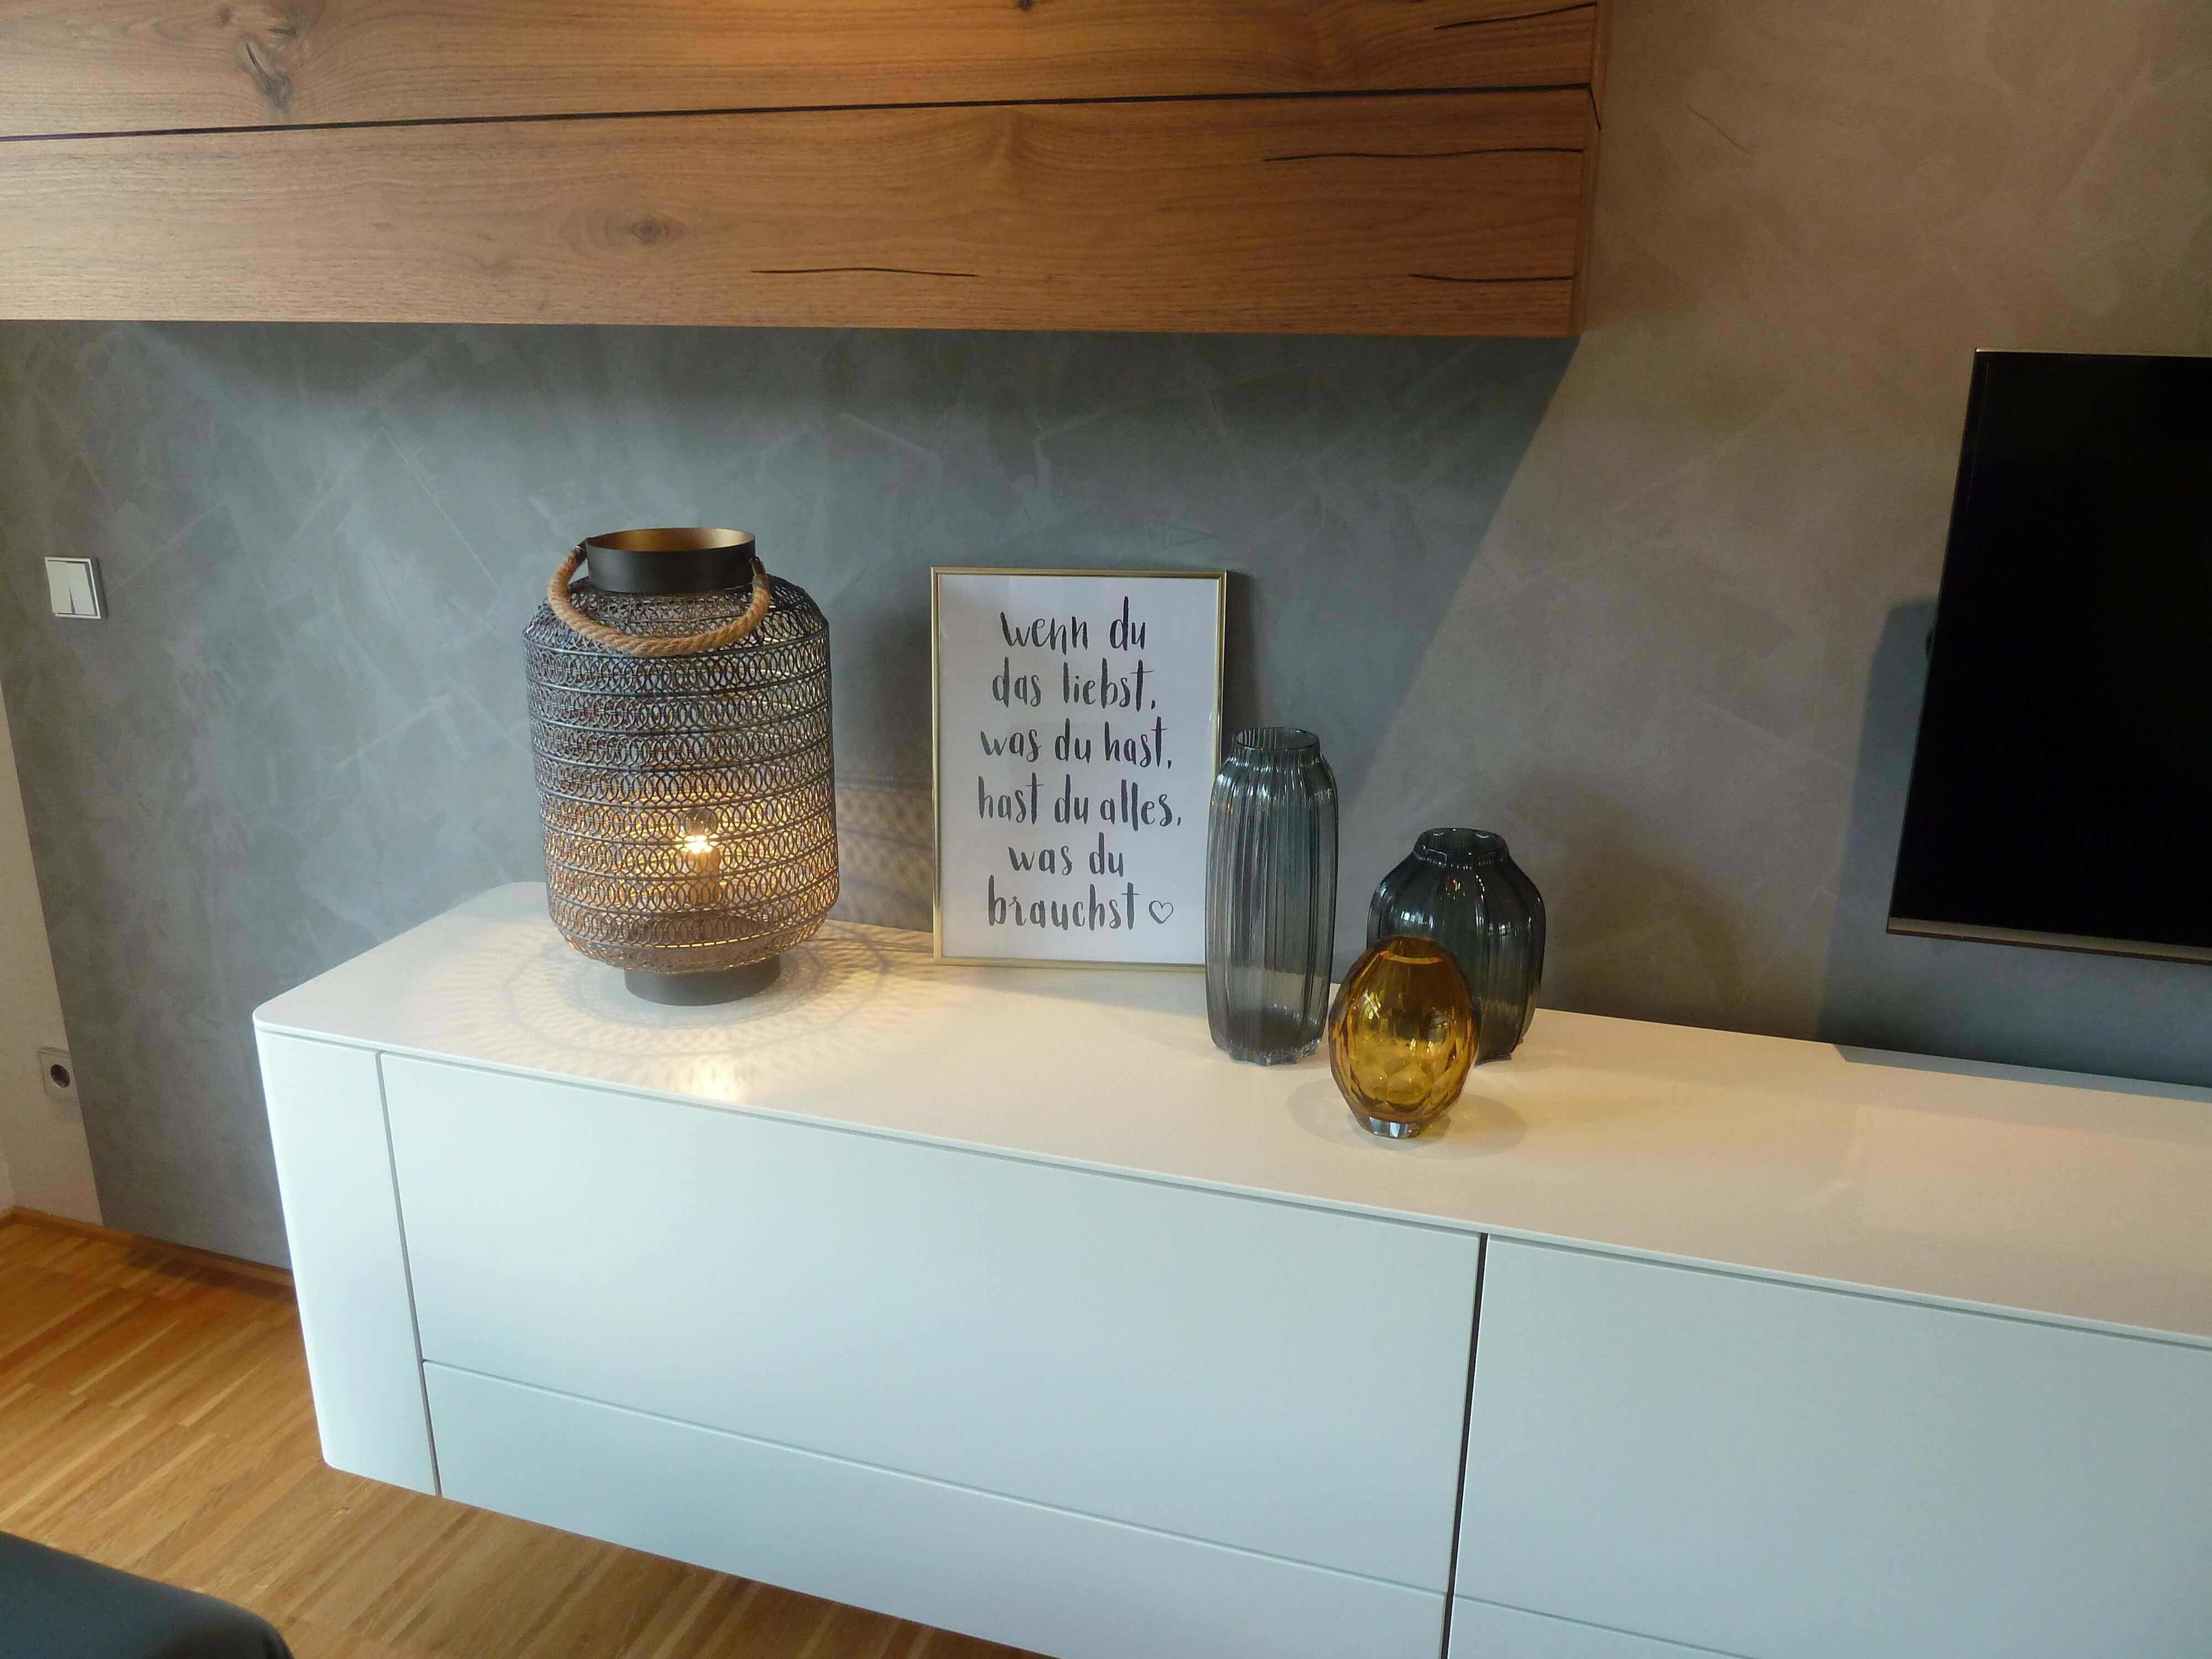 Wohnung dekorieren die 5 besten tipps mit vorher nachher for Kleine wohnung dekorieren